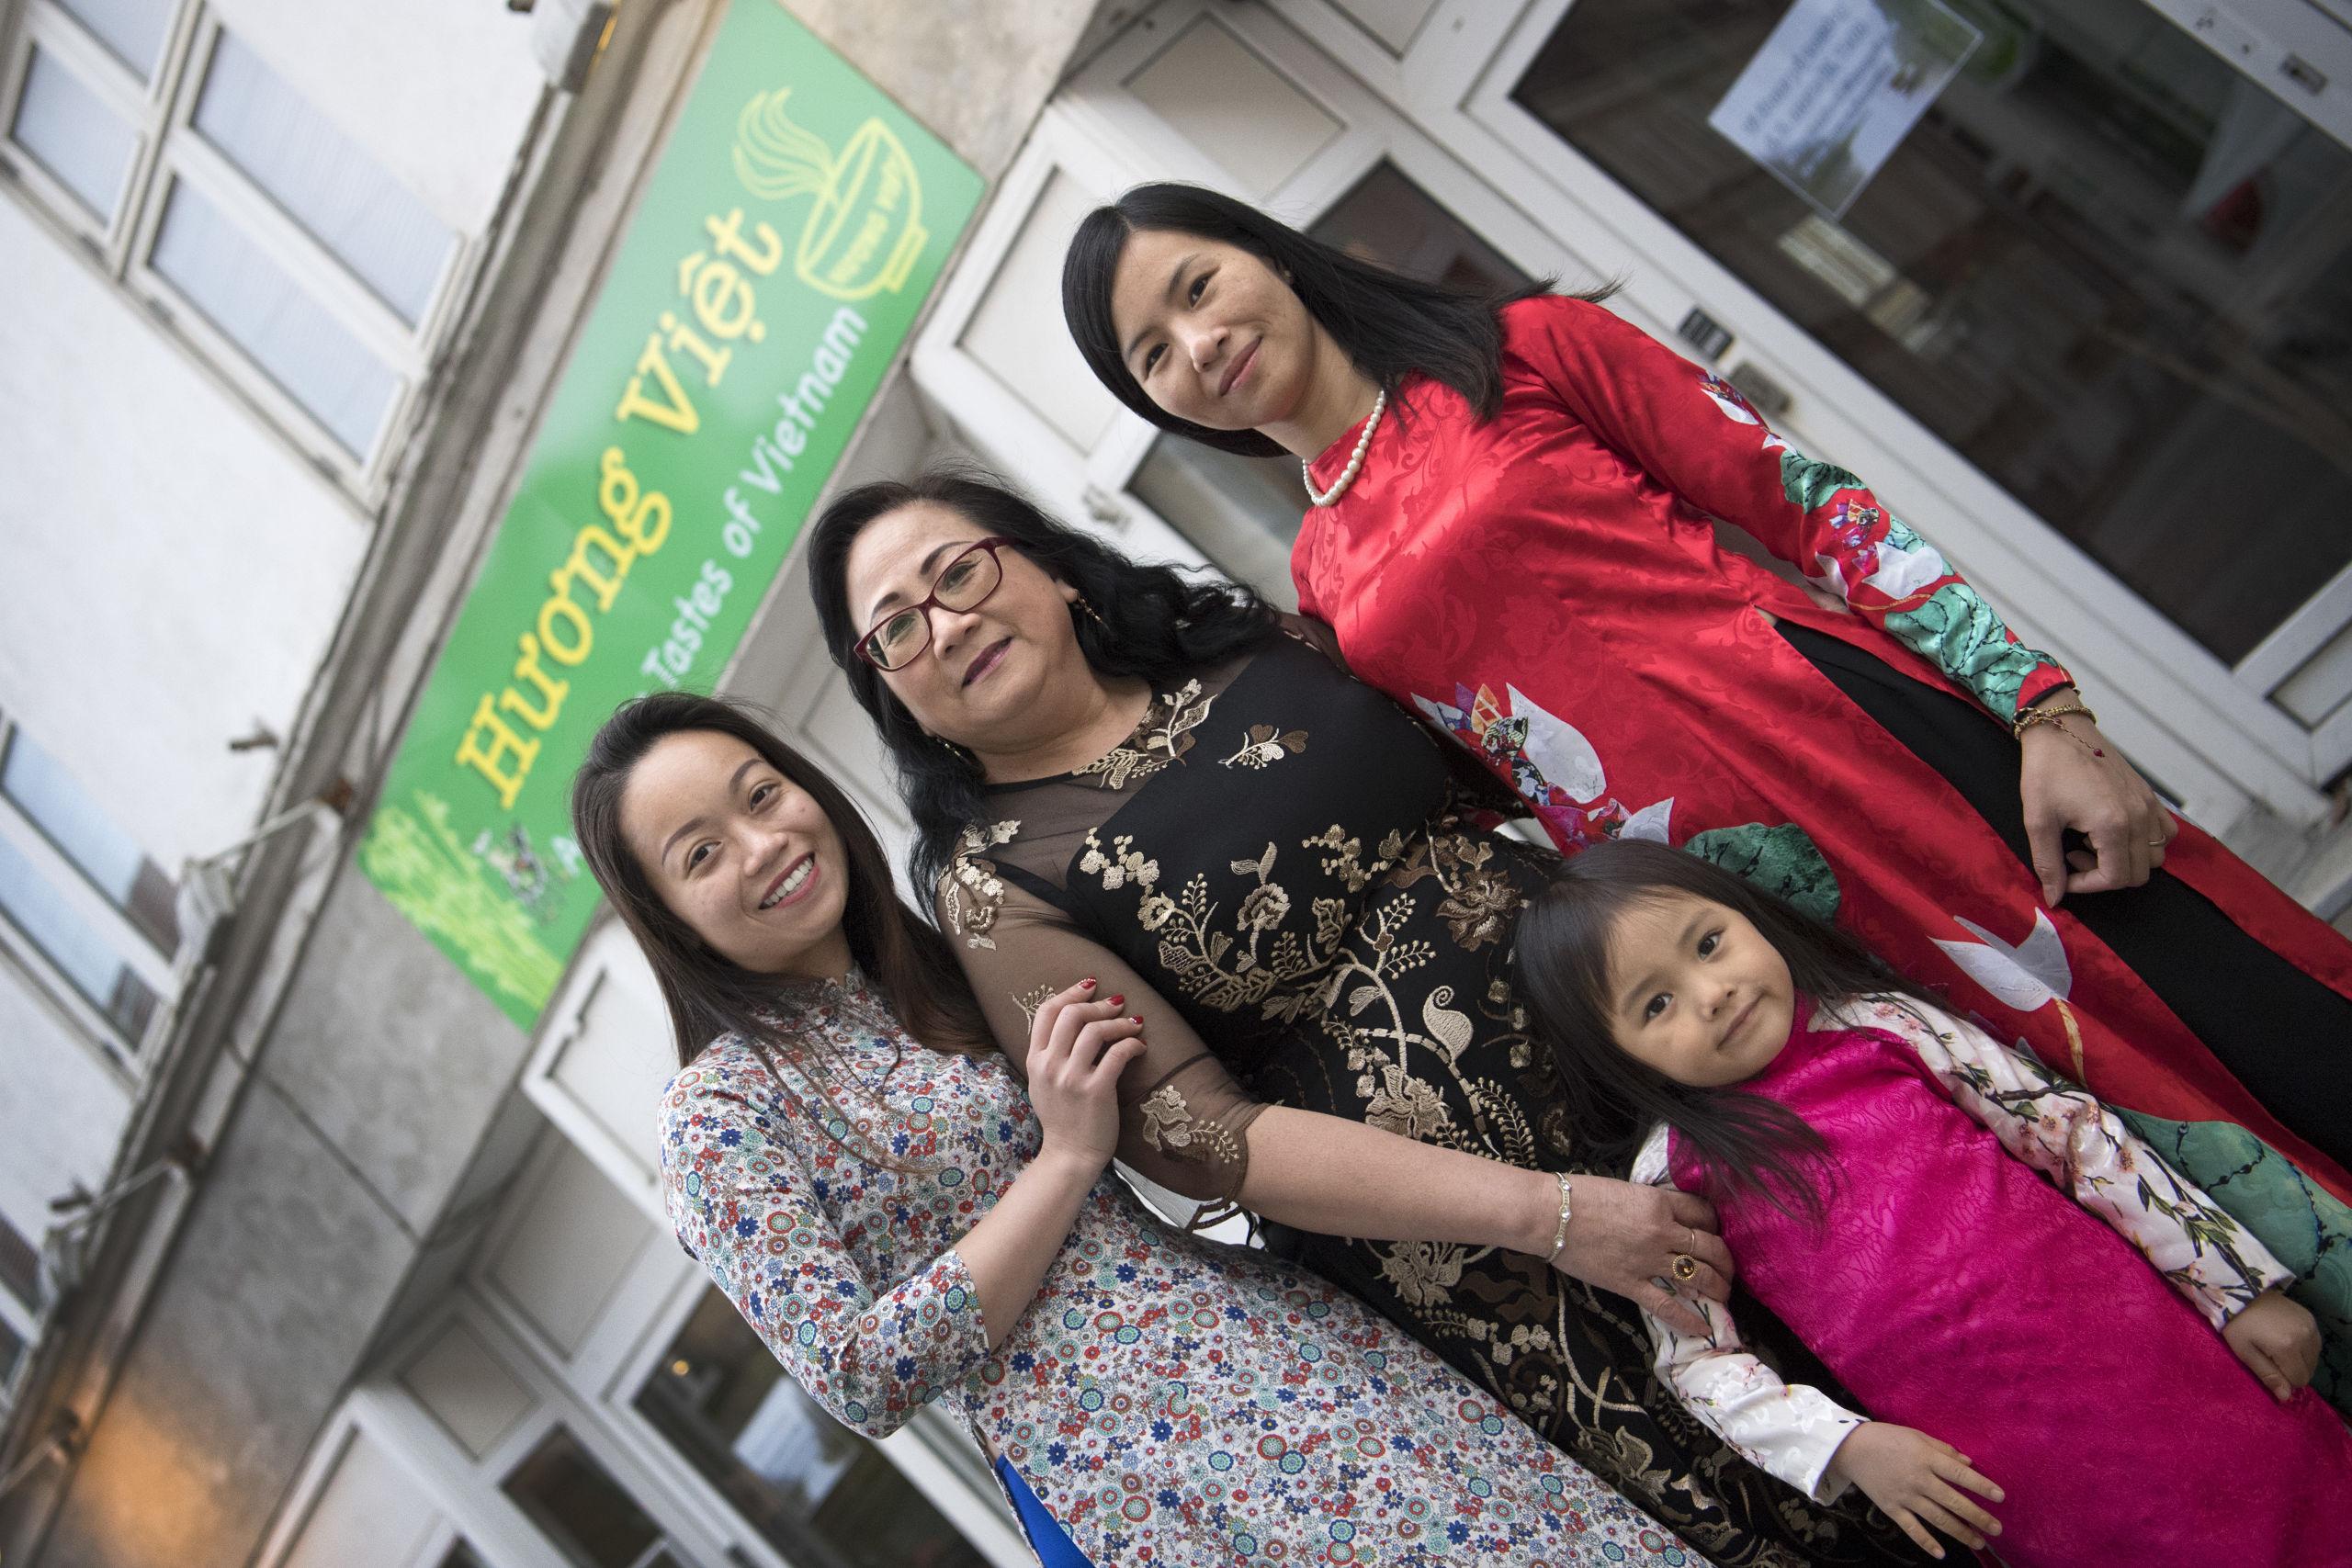 De tre indehavere af Huong Viet er veninder. Fra venstre ses Phuong Lan Thi Ninh, Nguyen Khai Thi Le,  Hien Thu Nguyen og forrest Bao-Han Le, der er Hiens datter. Foto: Mette Nielsen